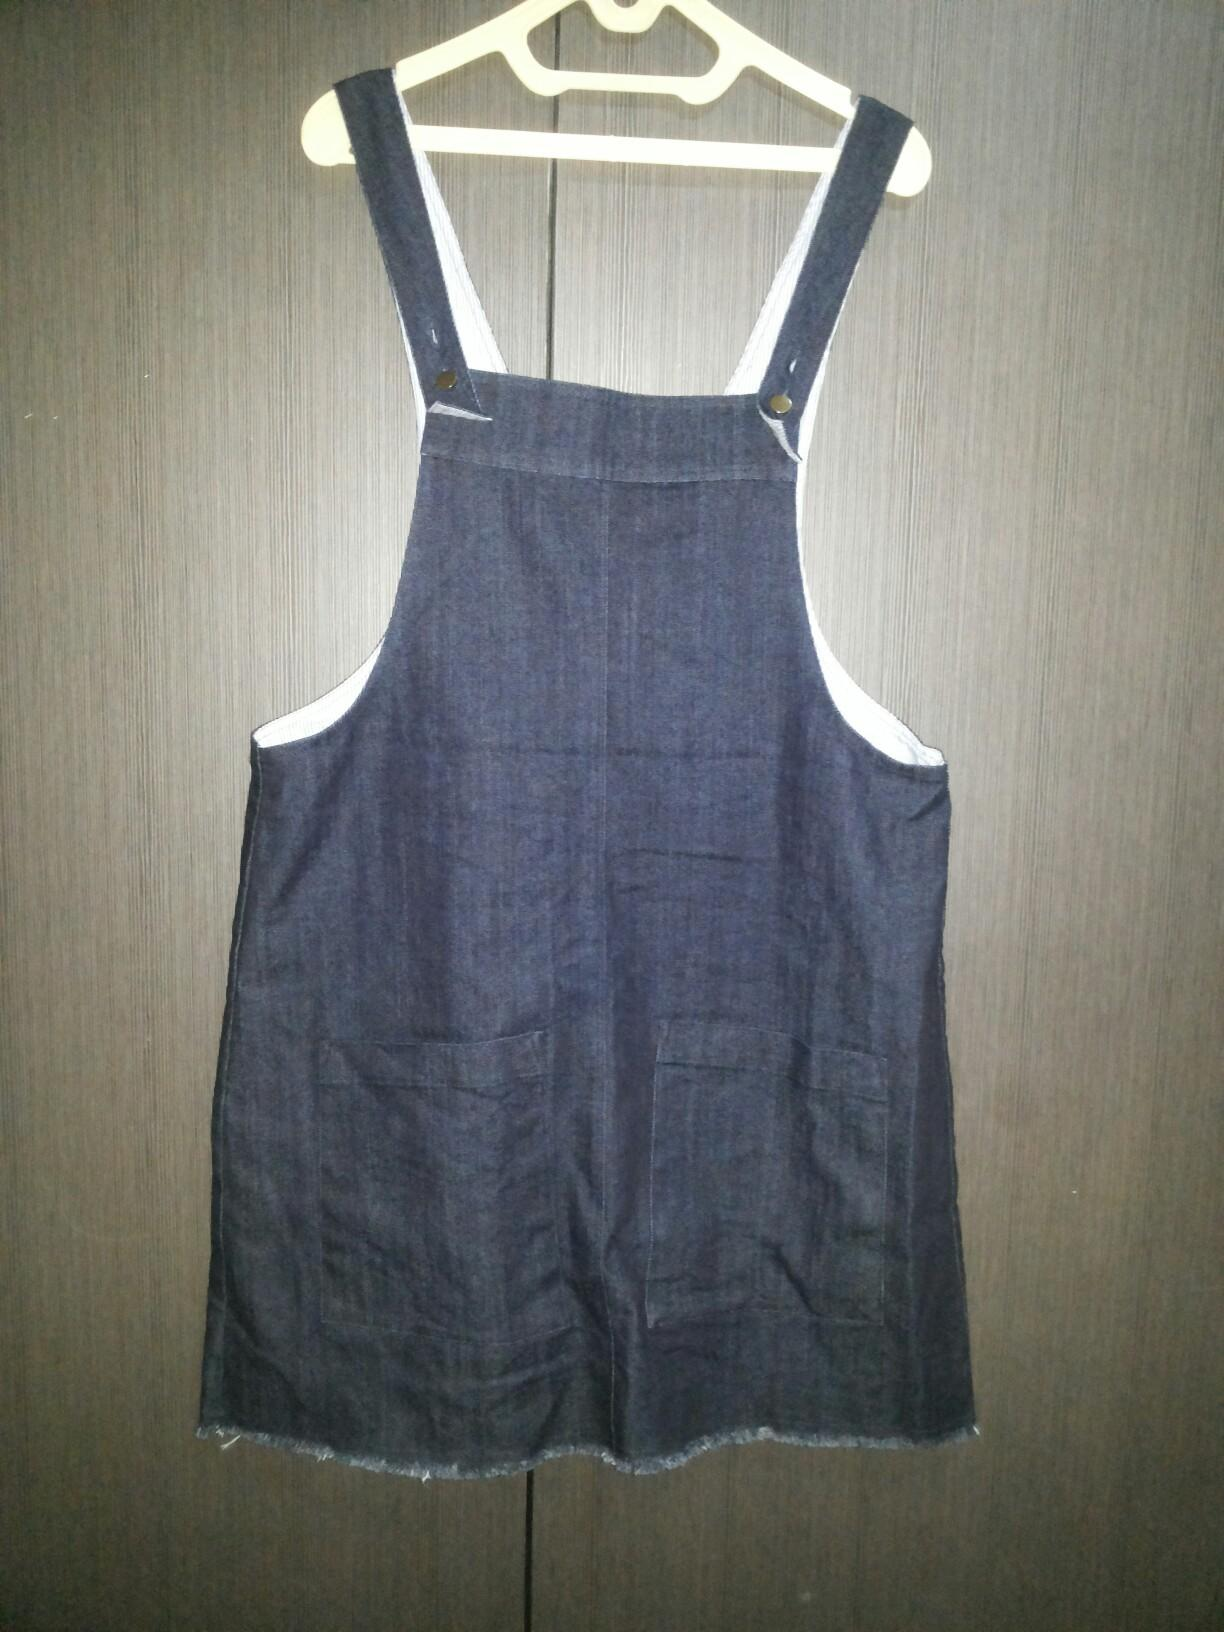 FIXED PRICE- Denim overall skirt